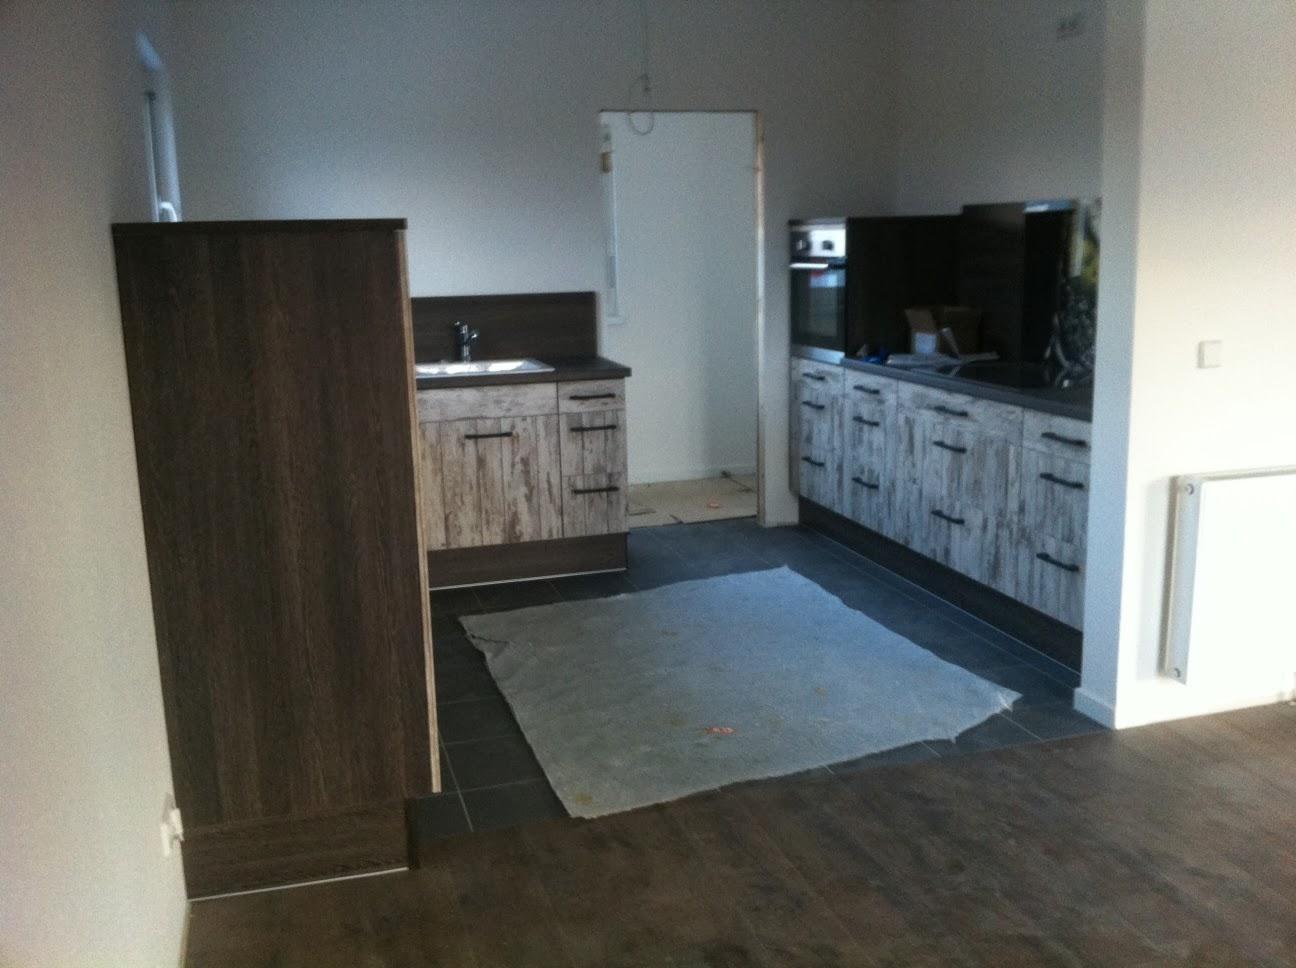 familie b baut ein haus in z bei s am b das ger st ist weg daf r steht die k che. Black Bedroom Furniture Sets. Home Design Ideas